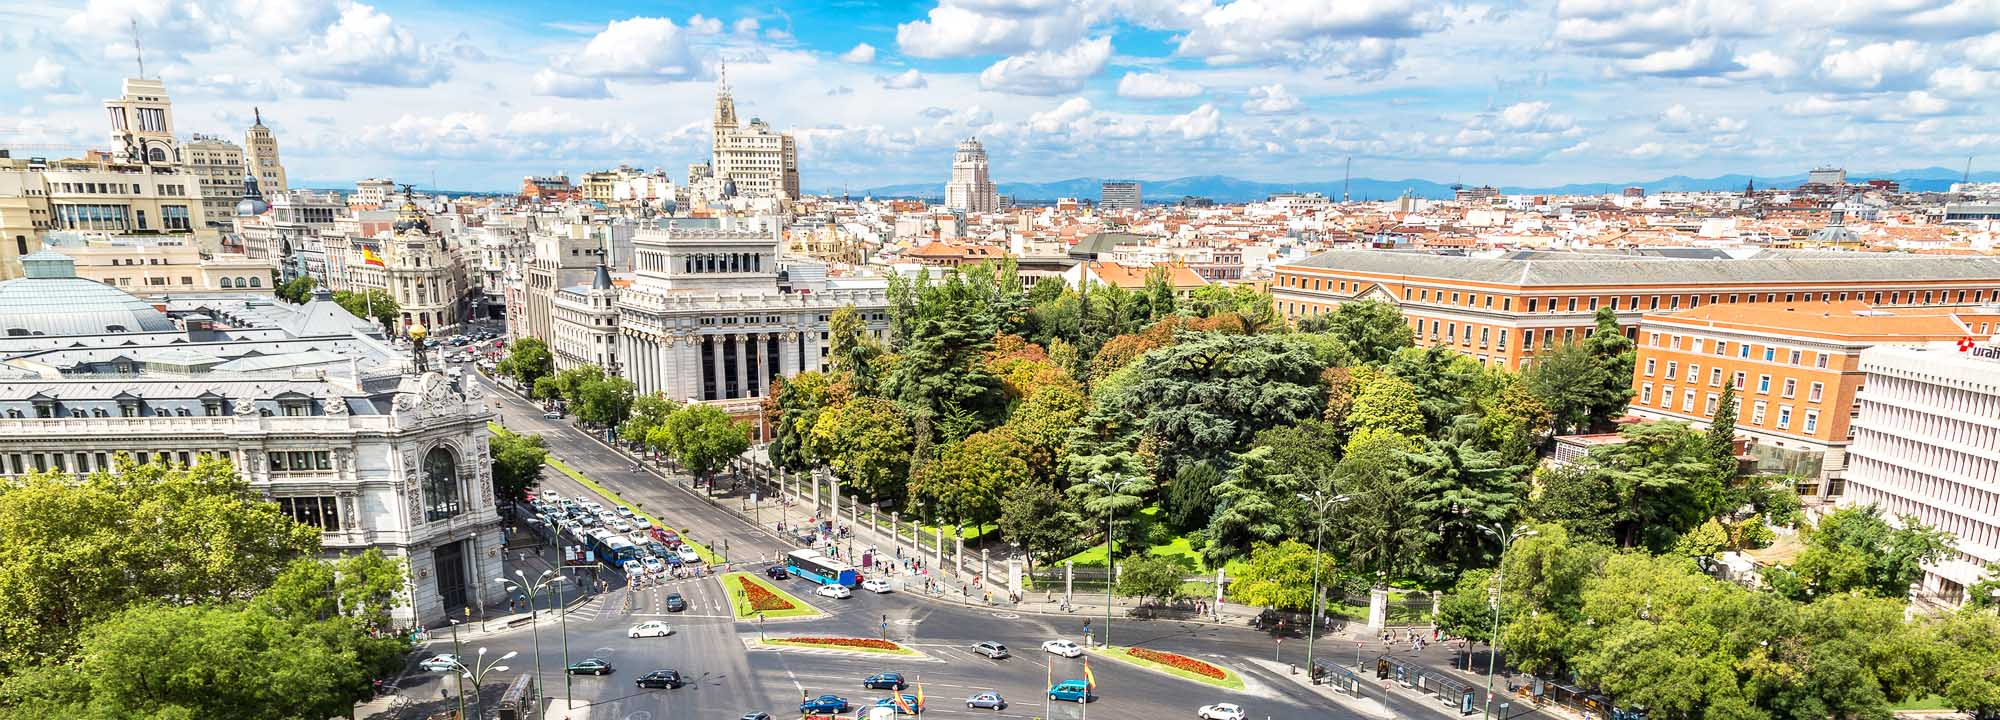 Výhled na město Madrid